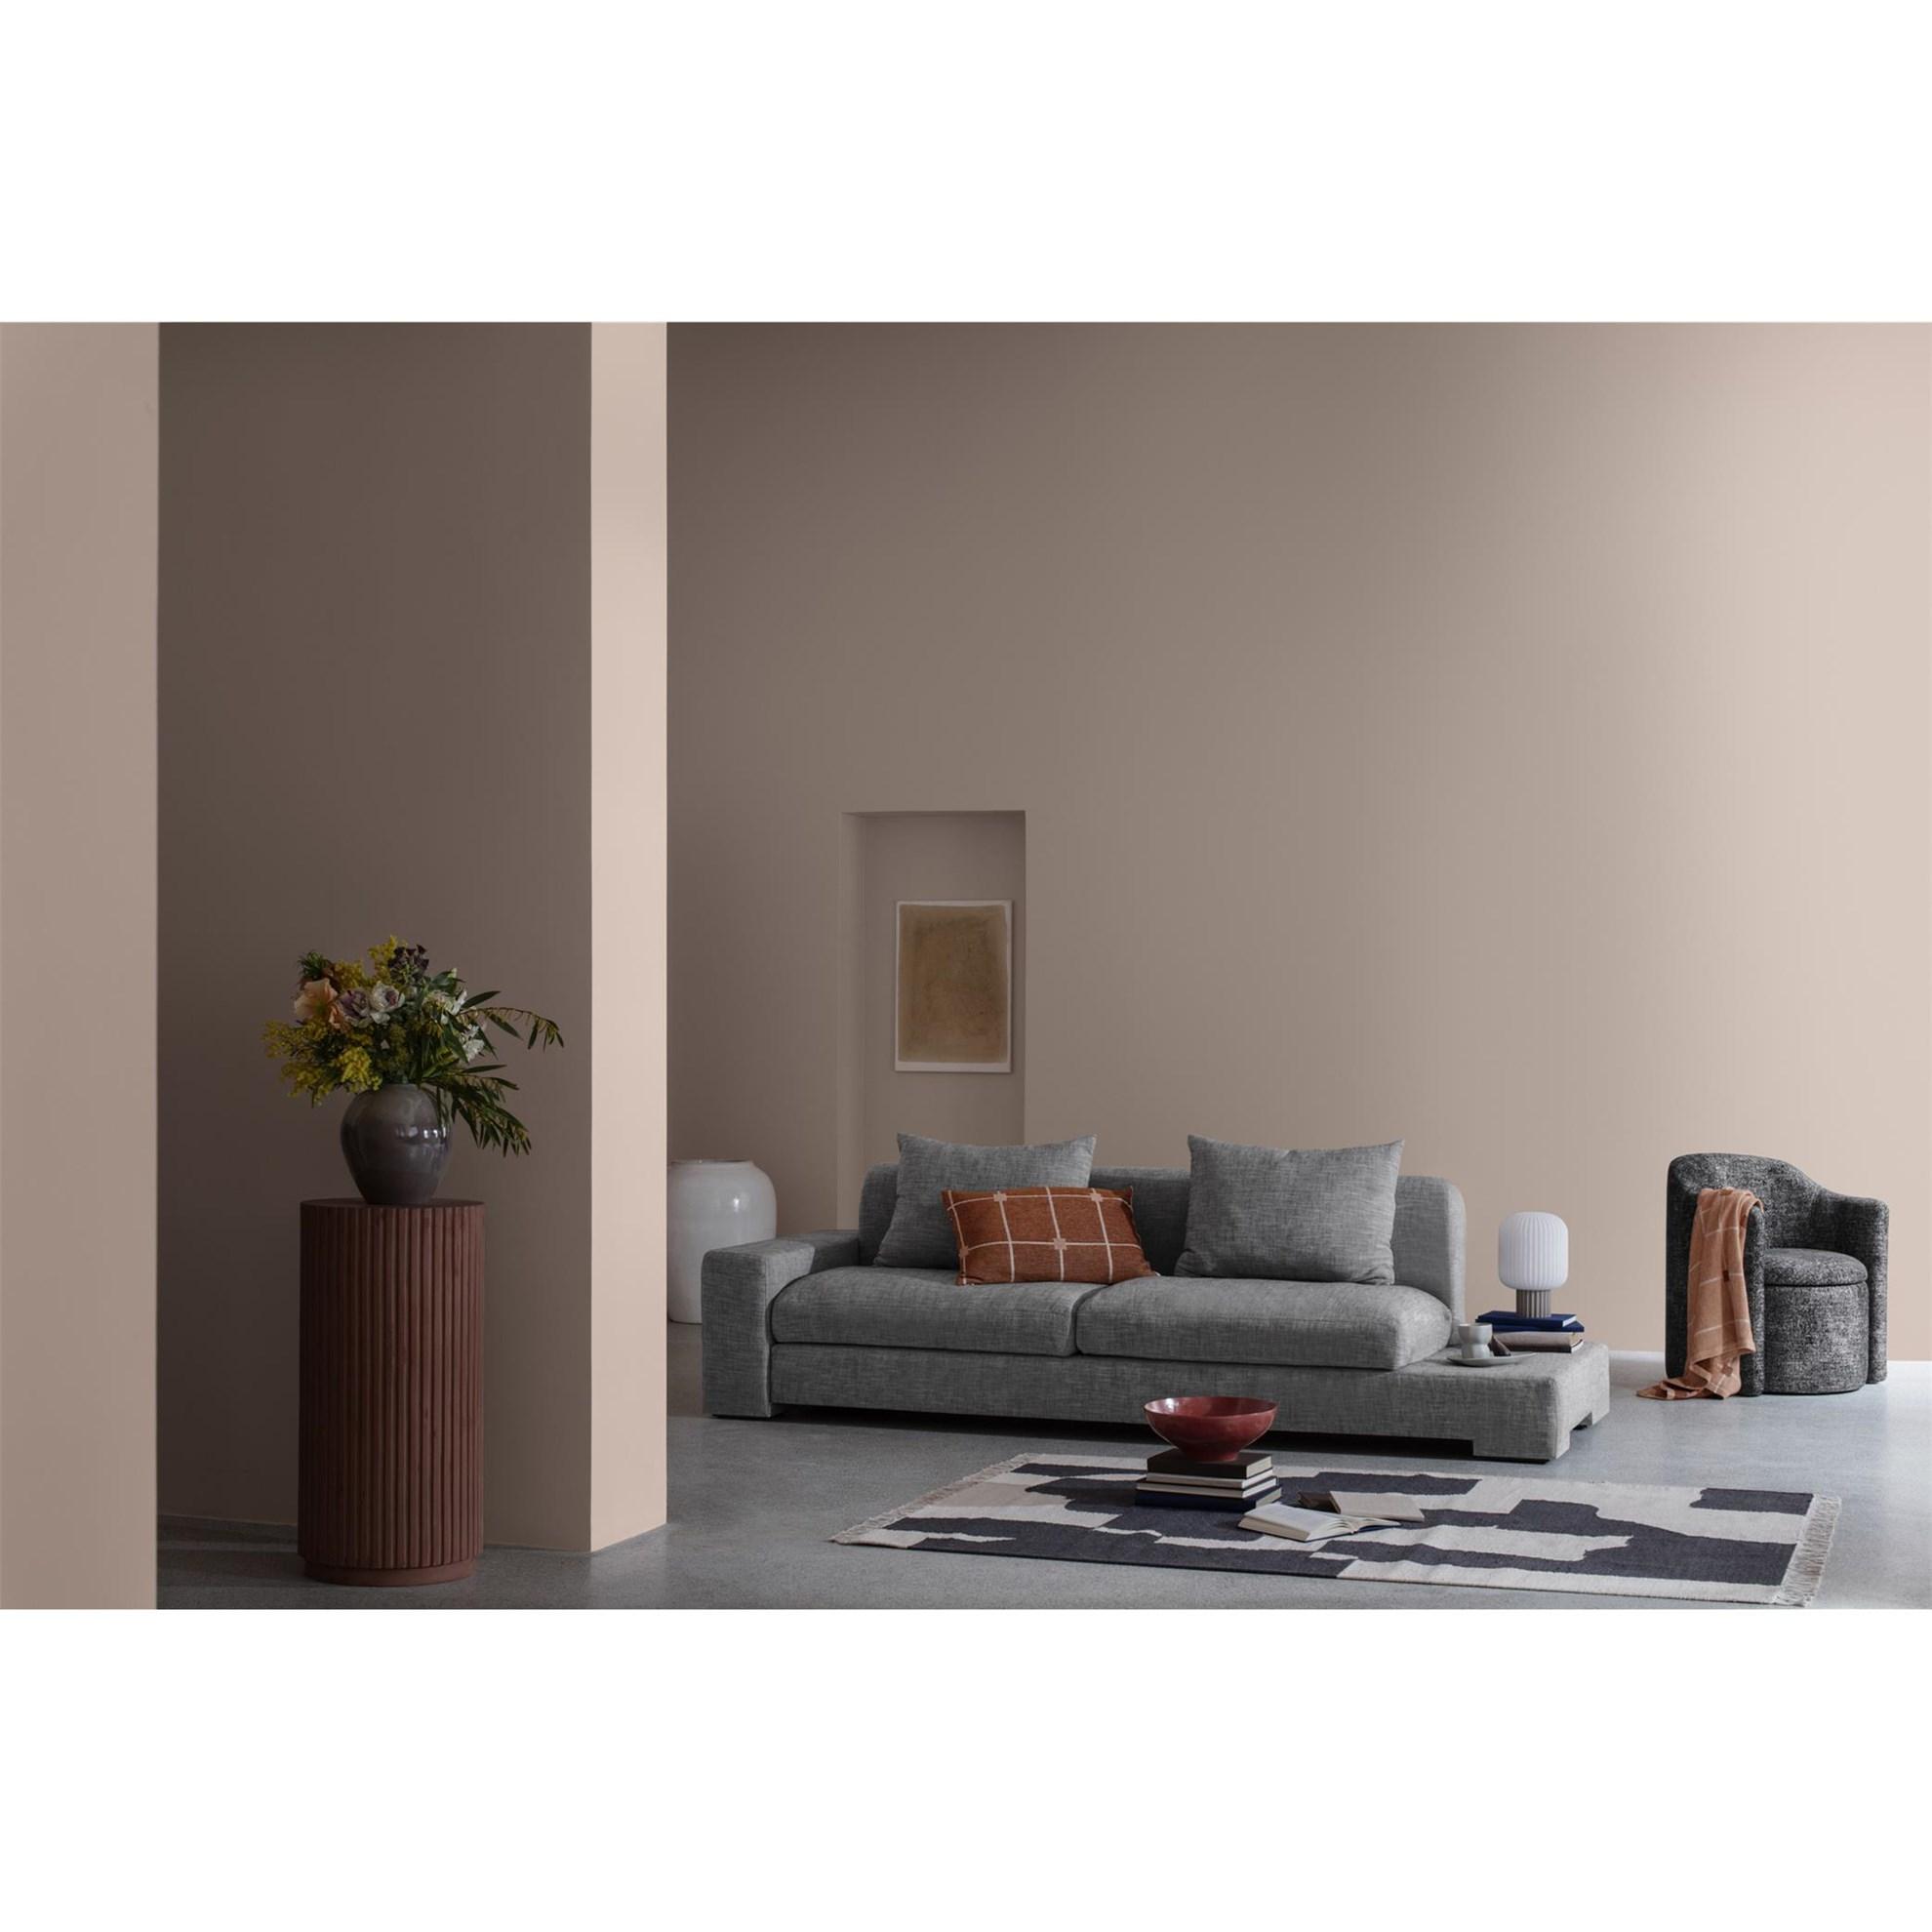 Sofa 2-místná BAY 250 cm šedá (bočnice vpravo)_1